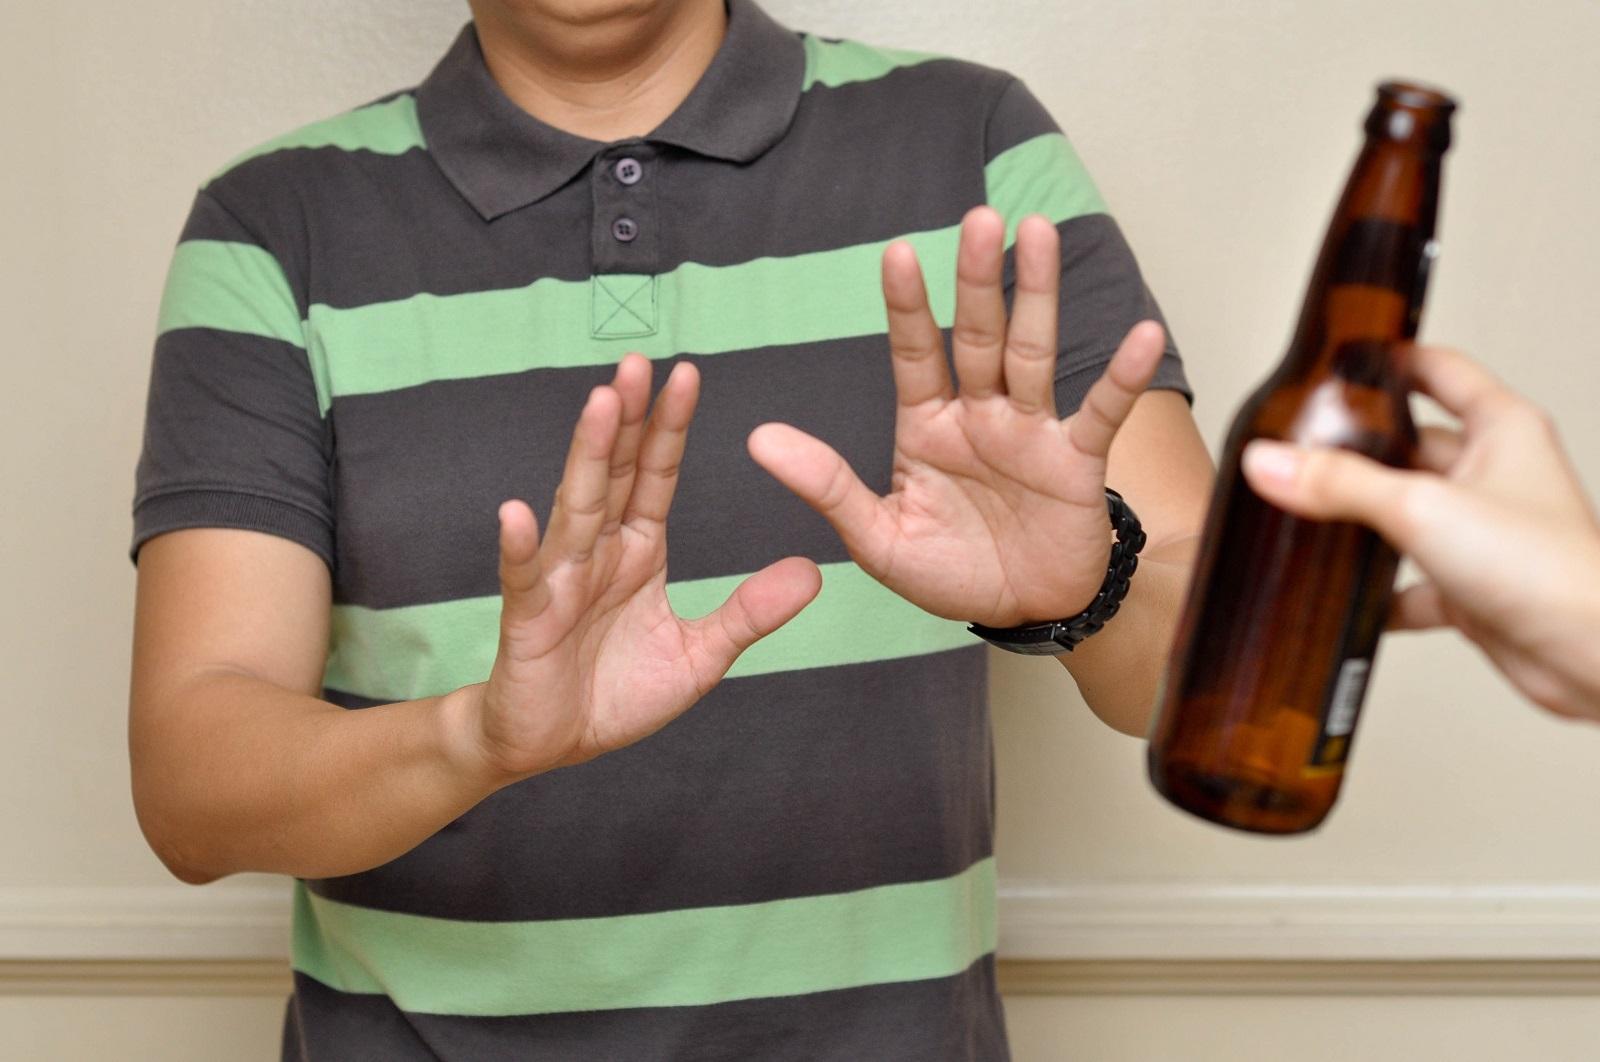 không uống rượu, bia trước khi lái xe.